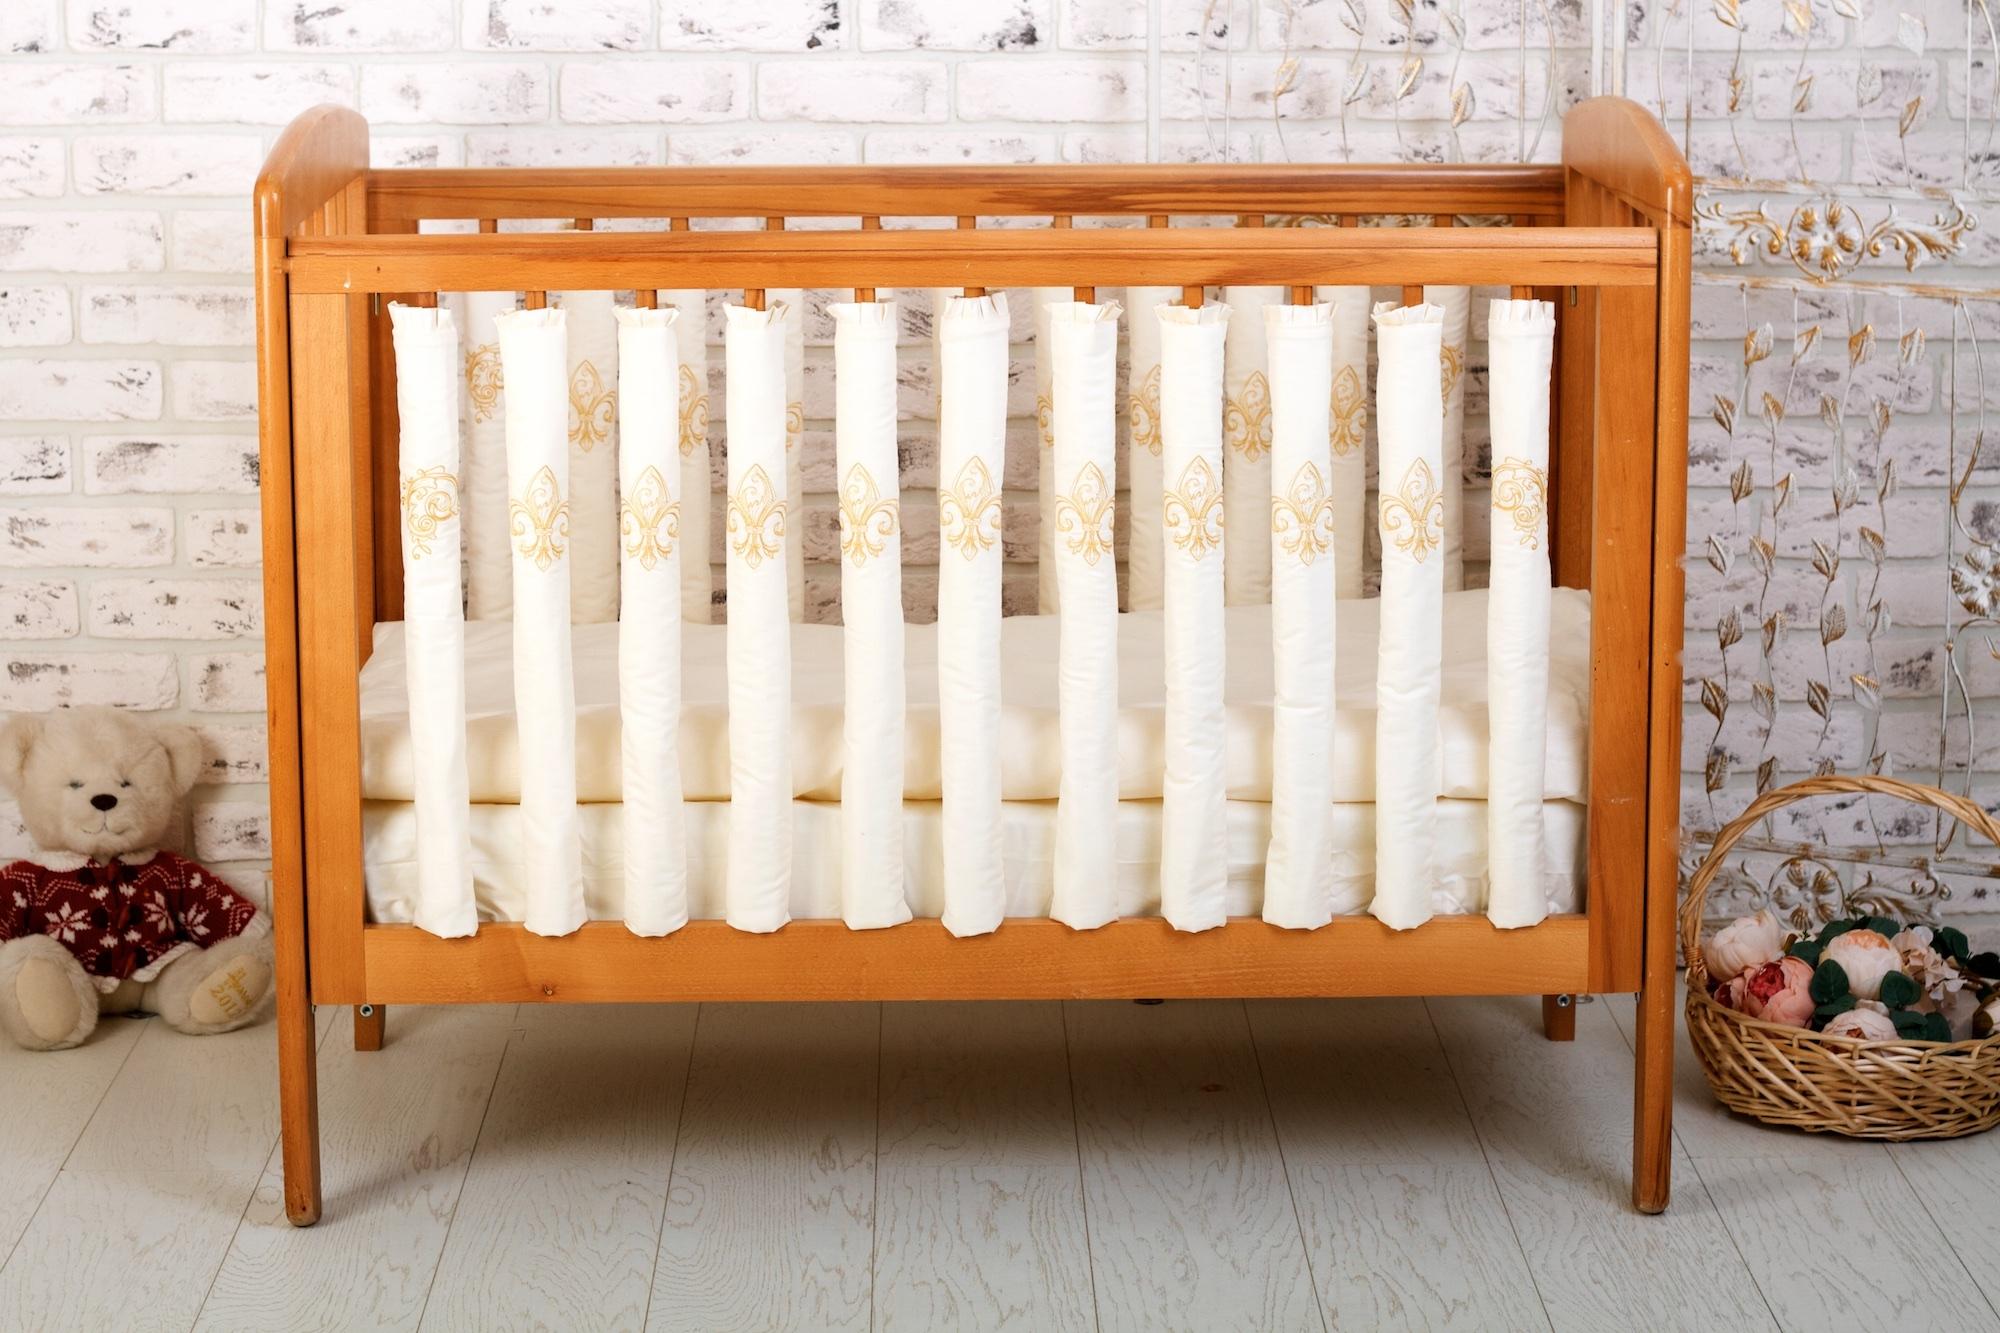 Аксессуары для кроваток Cloud factory Royal Baby 12 шт комплект фенс бамперов cloud factory 12 шт beauty balloons